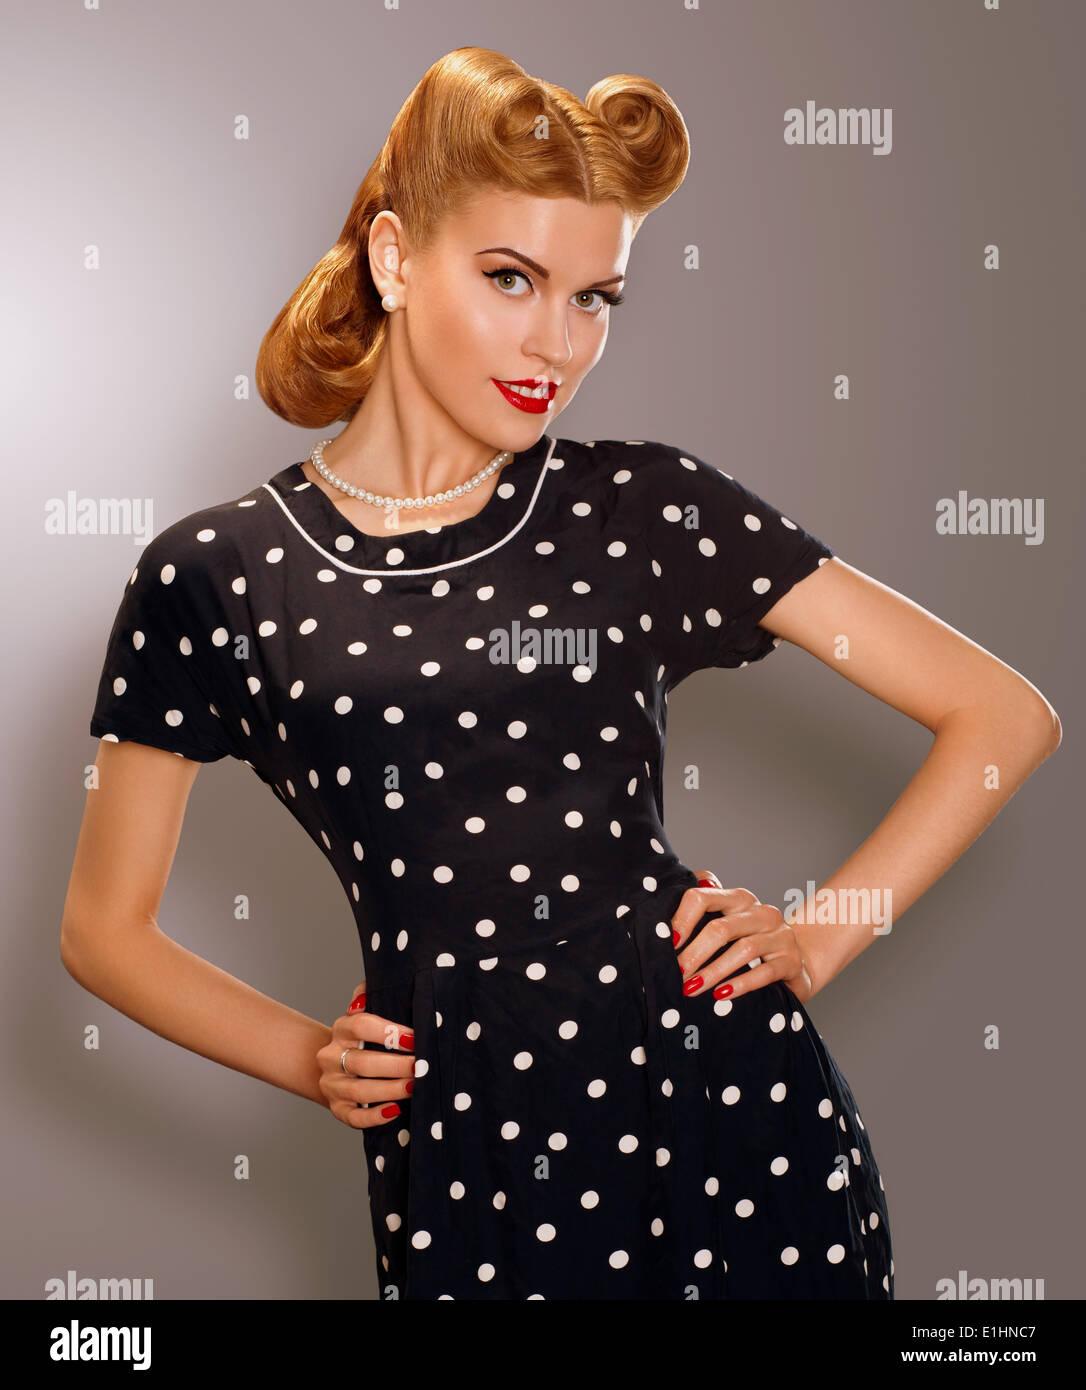 Romantik. Frau in blau Retro Polka Dot Kleid gestylt. Pin Up Stil Stockbild